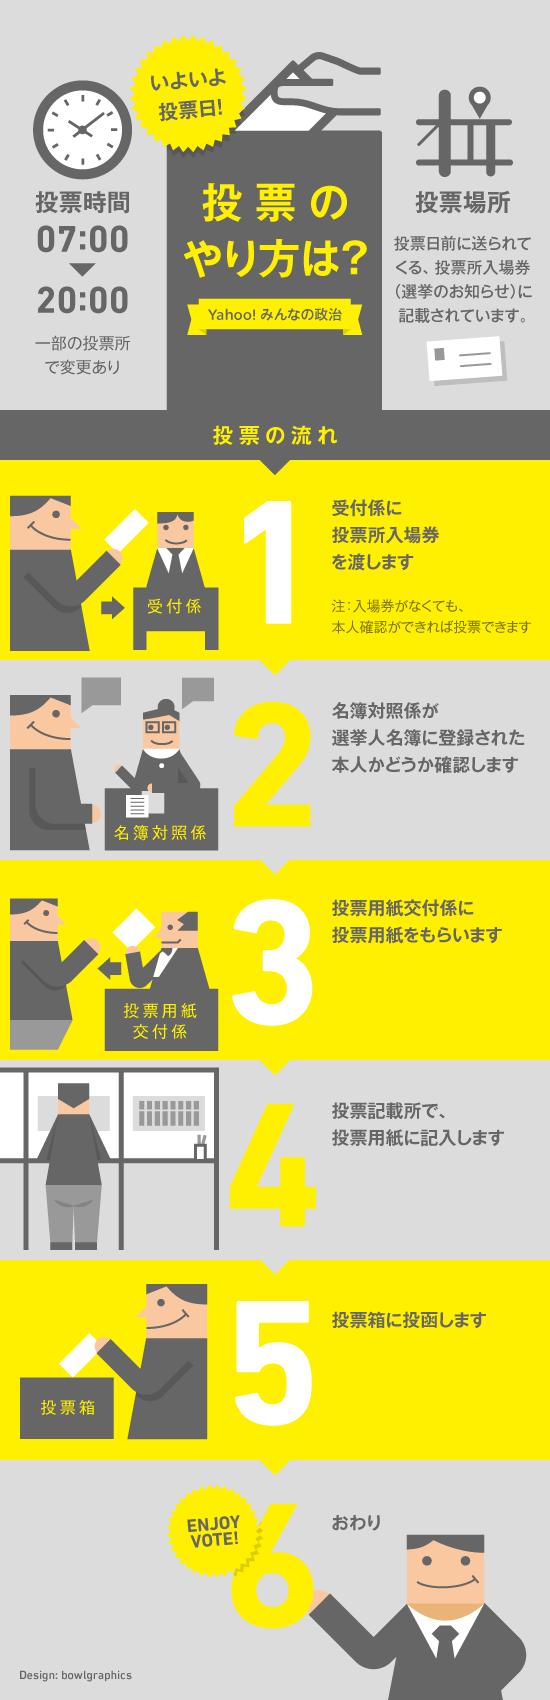 インフォグラフィック:18歳からの選挙権。投票当日の流れをシミュレーション